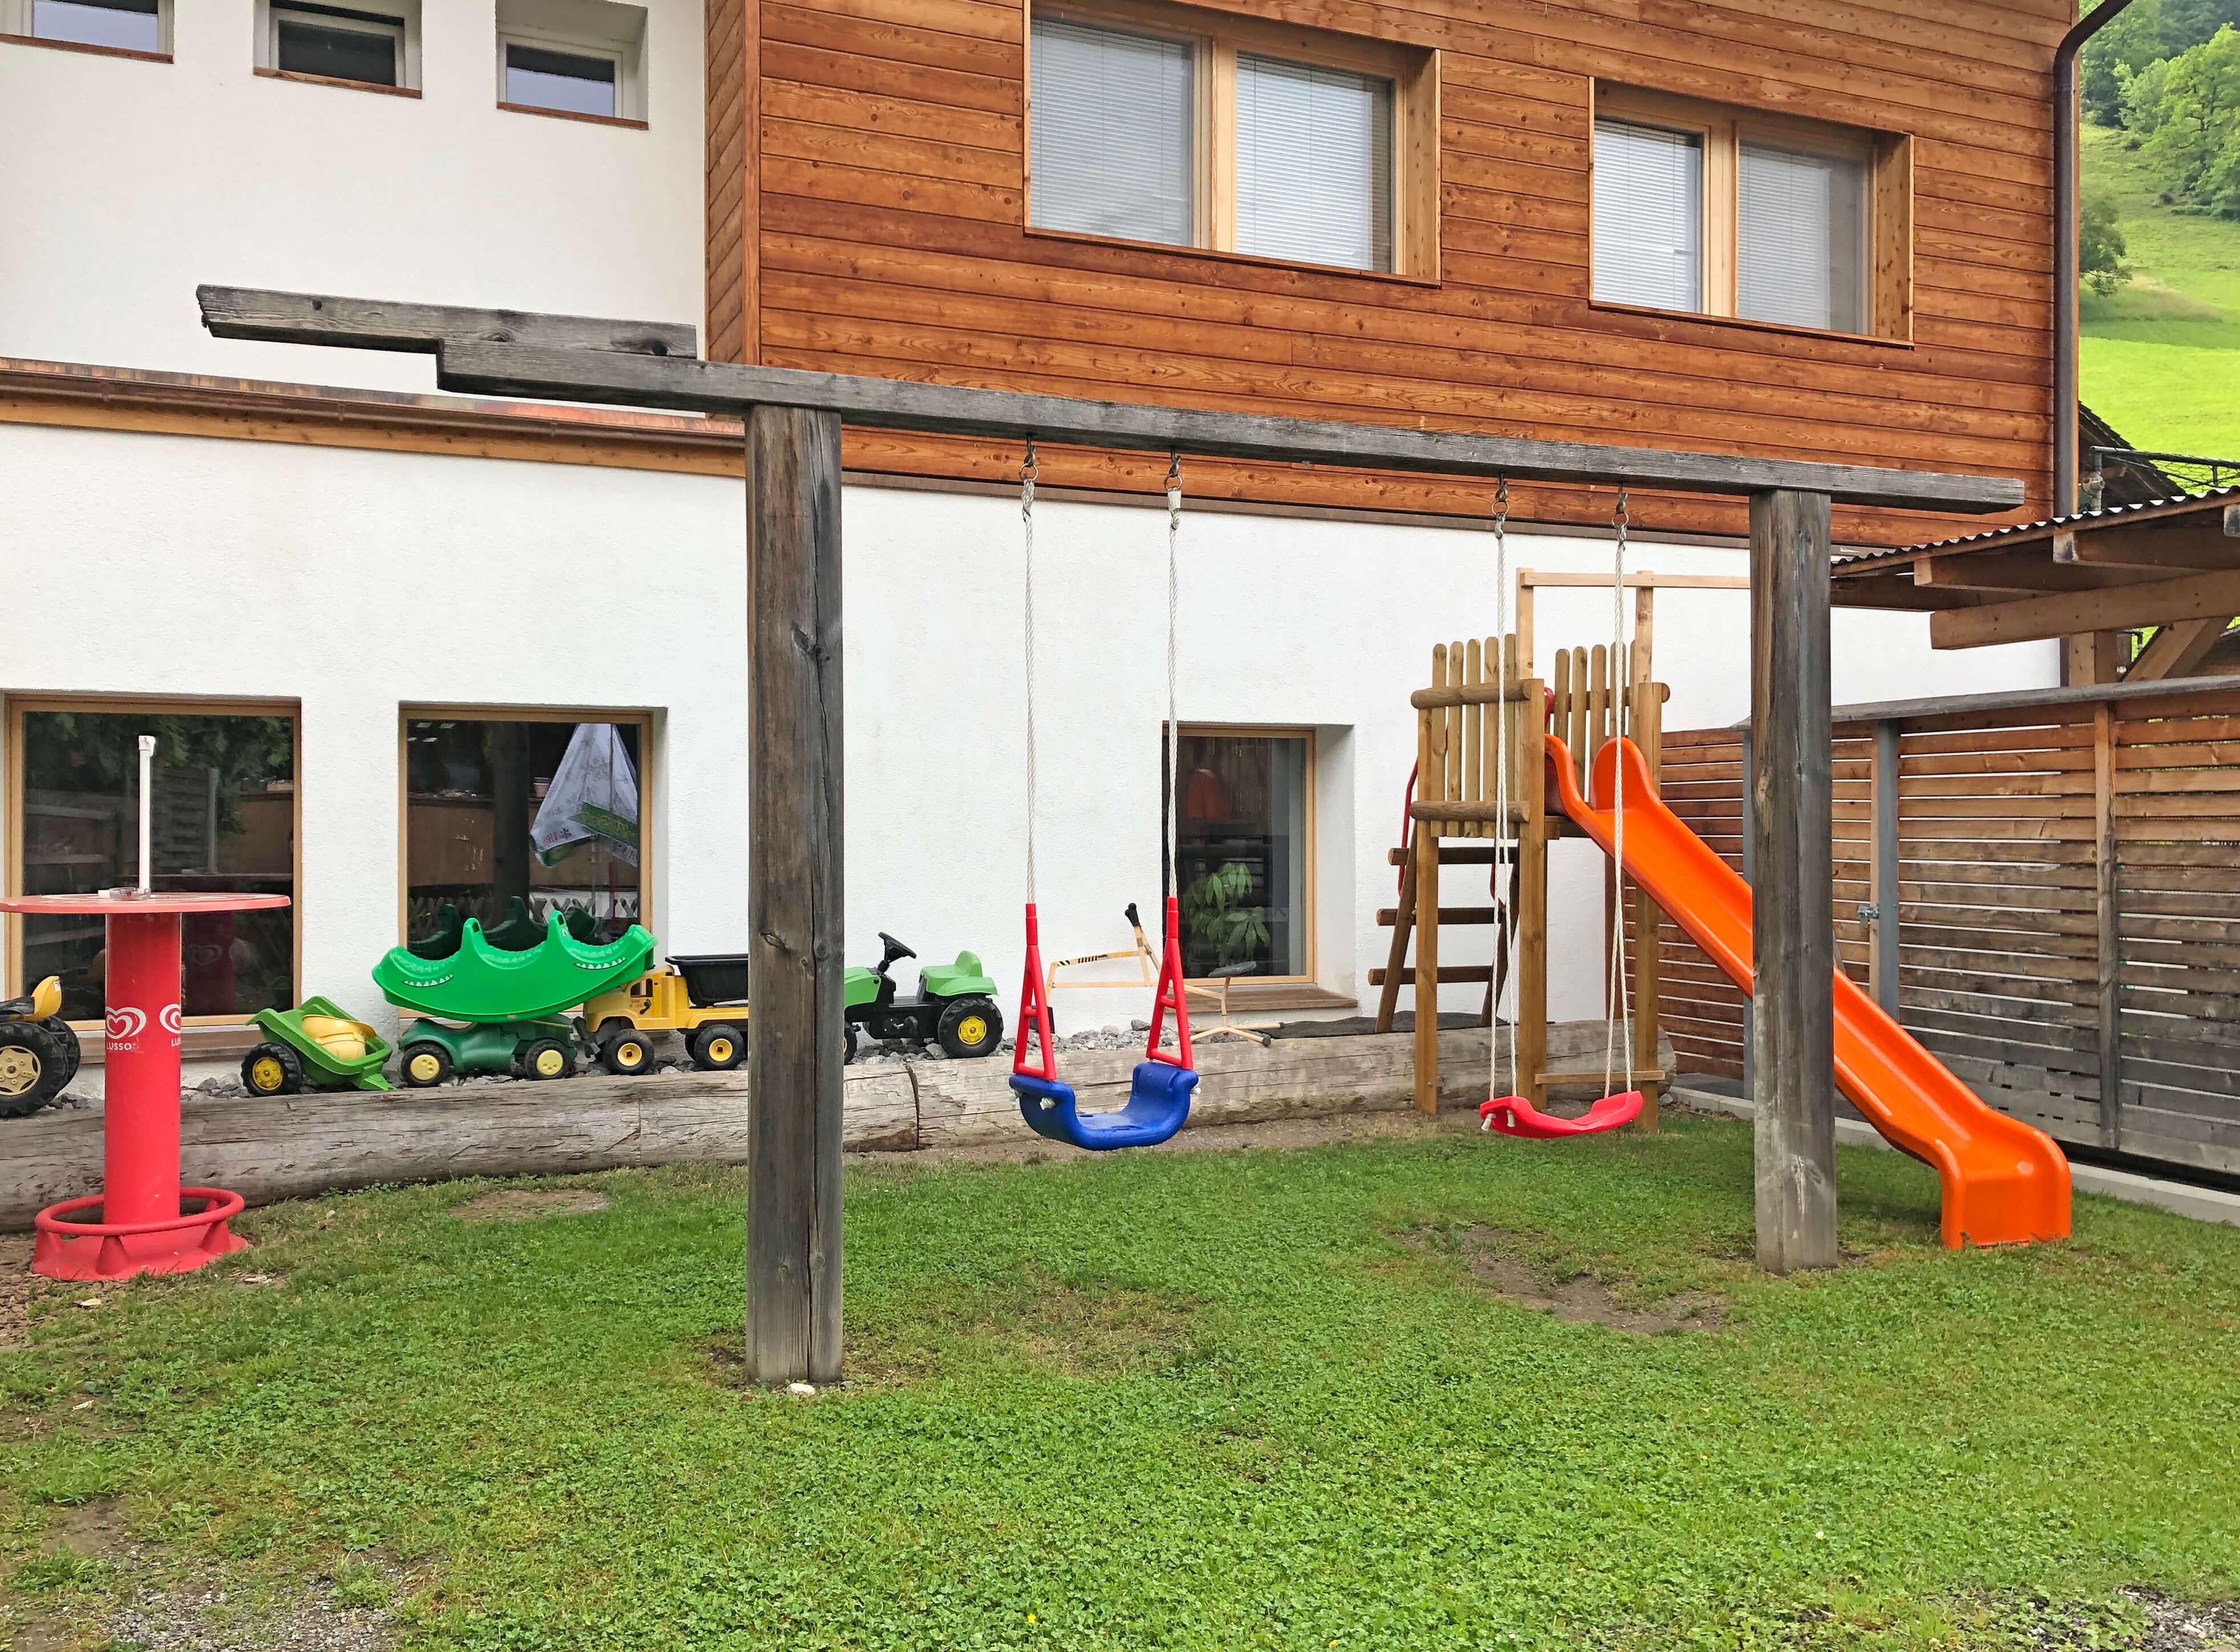 Spielplatz Hirschen Diemtigen mit Spieltraktoren